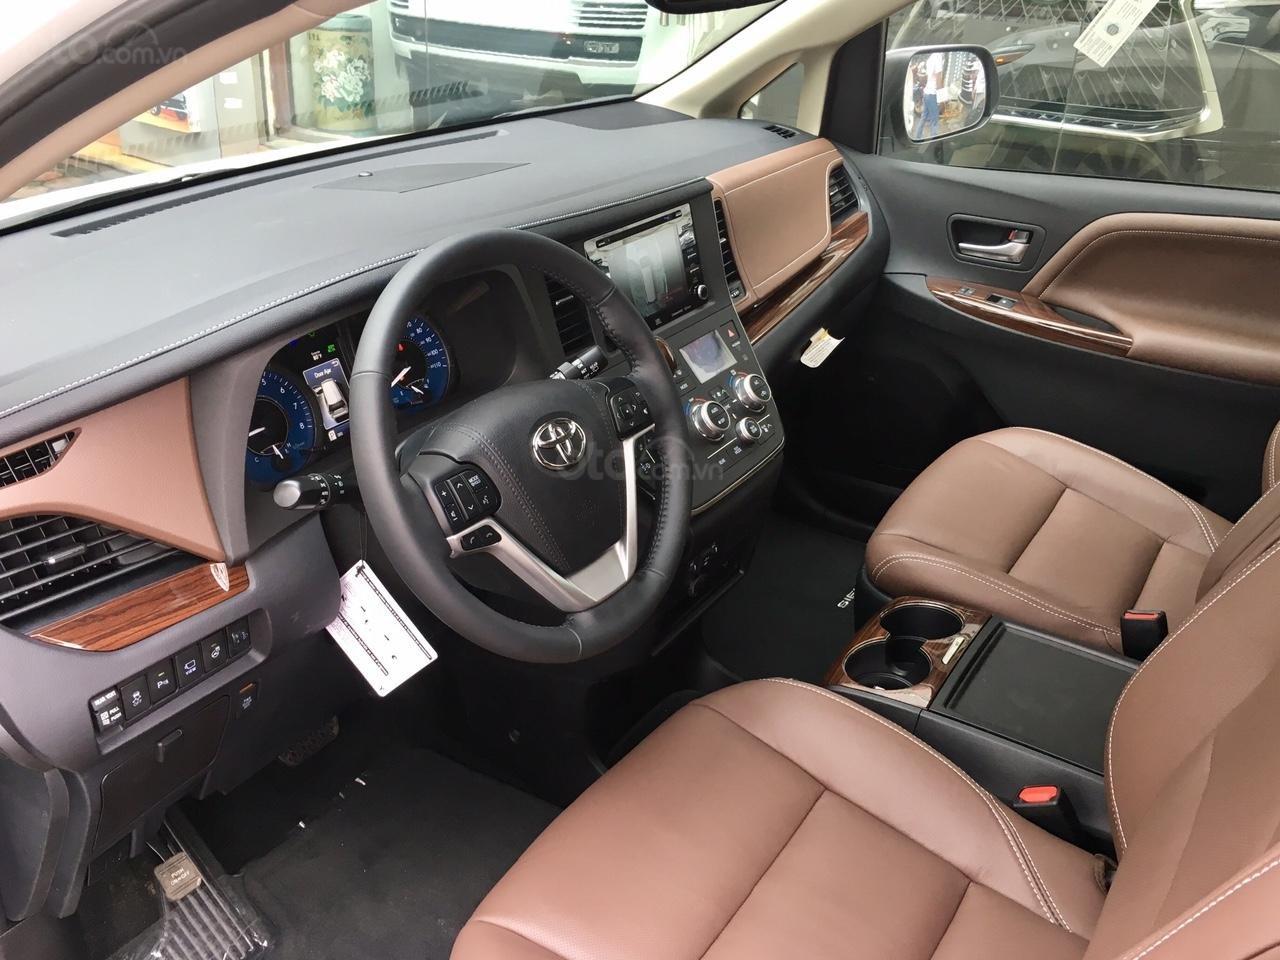 Bán Toyota Sienna Limited 1 cầu 2019, giá tốt, xe giao ngay trong ngày, LH Ms Hương 094.539.2468 (16)